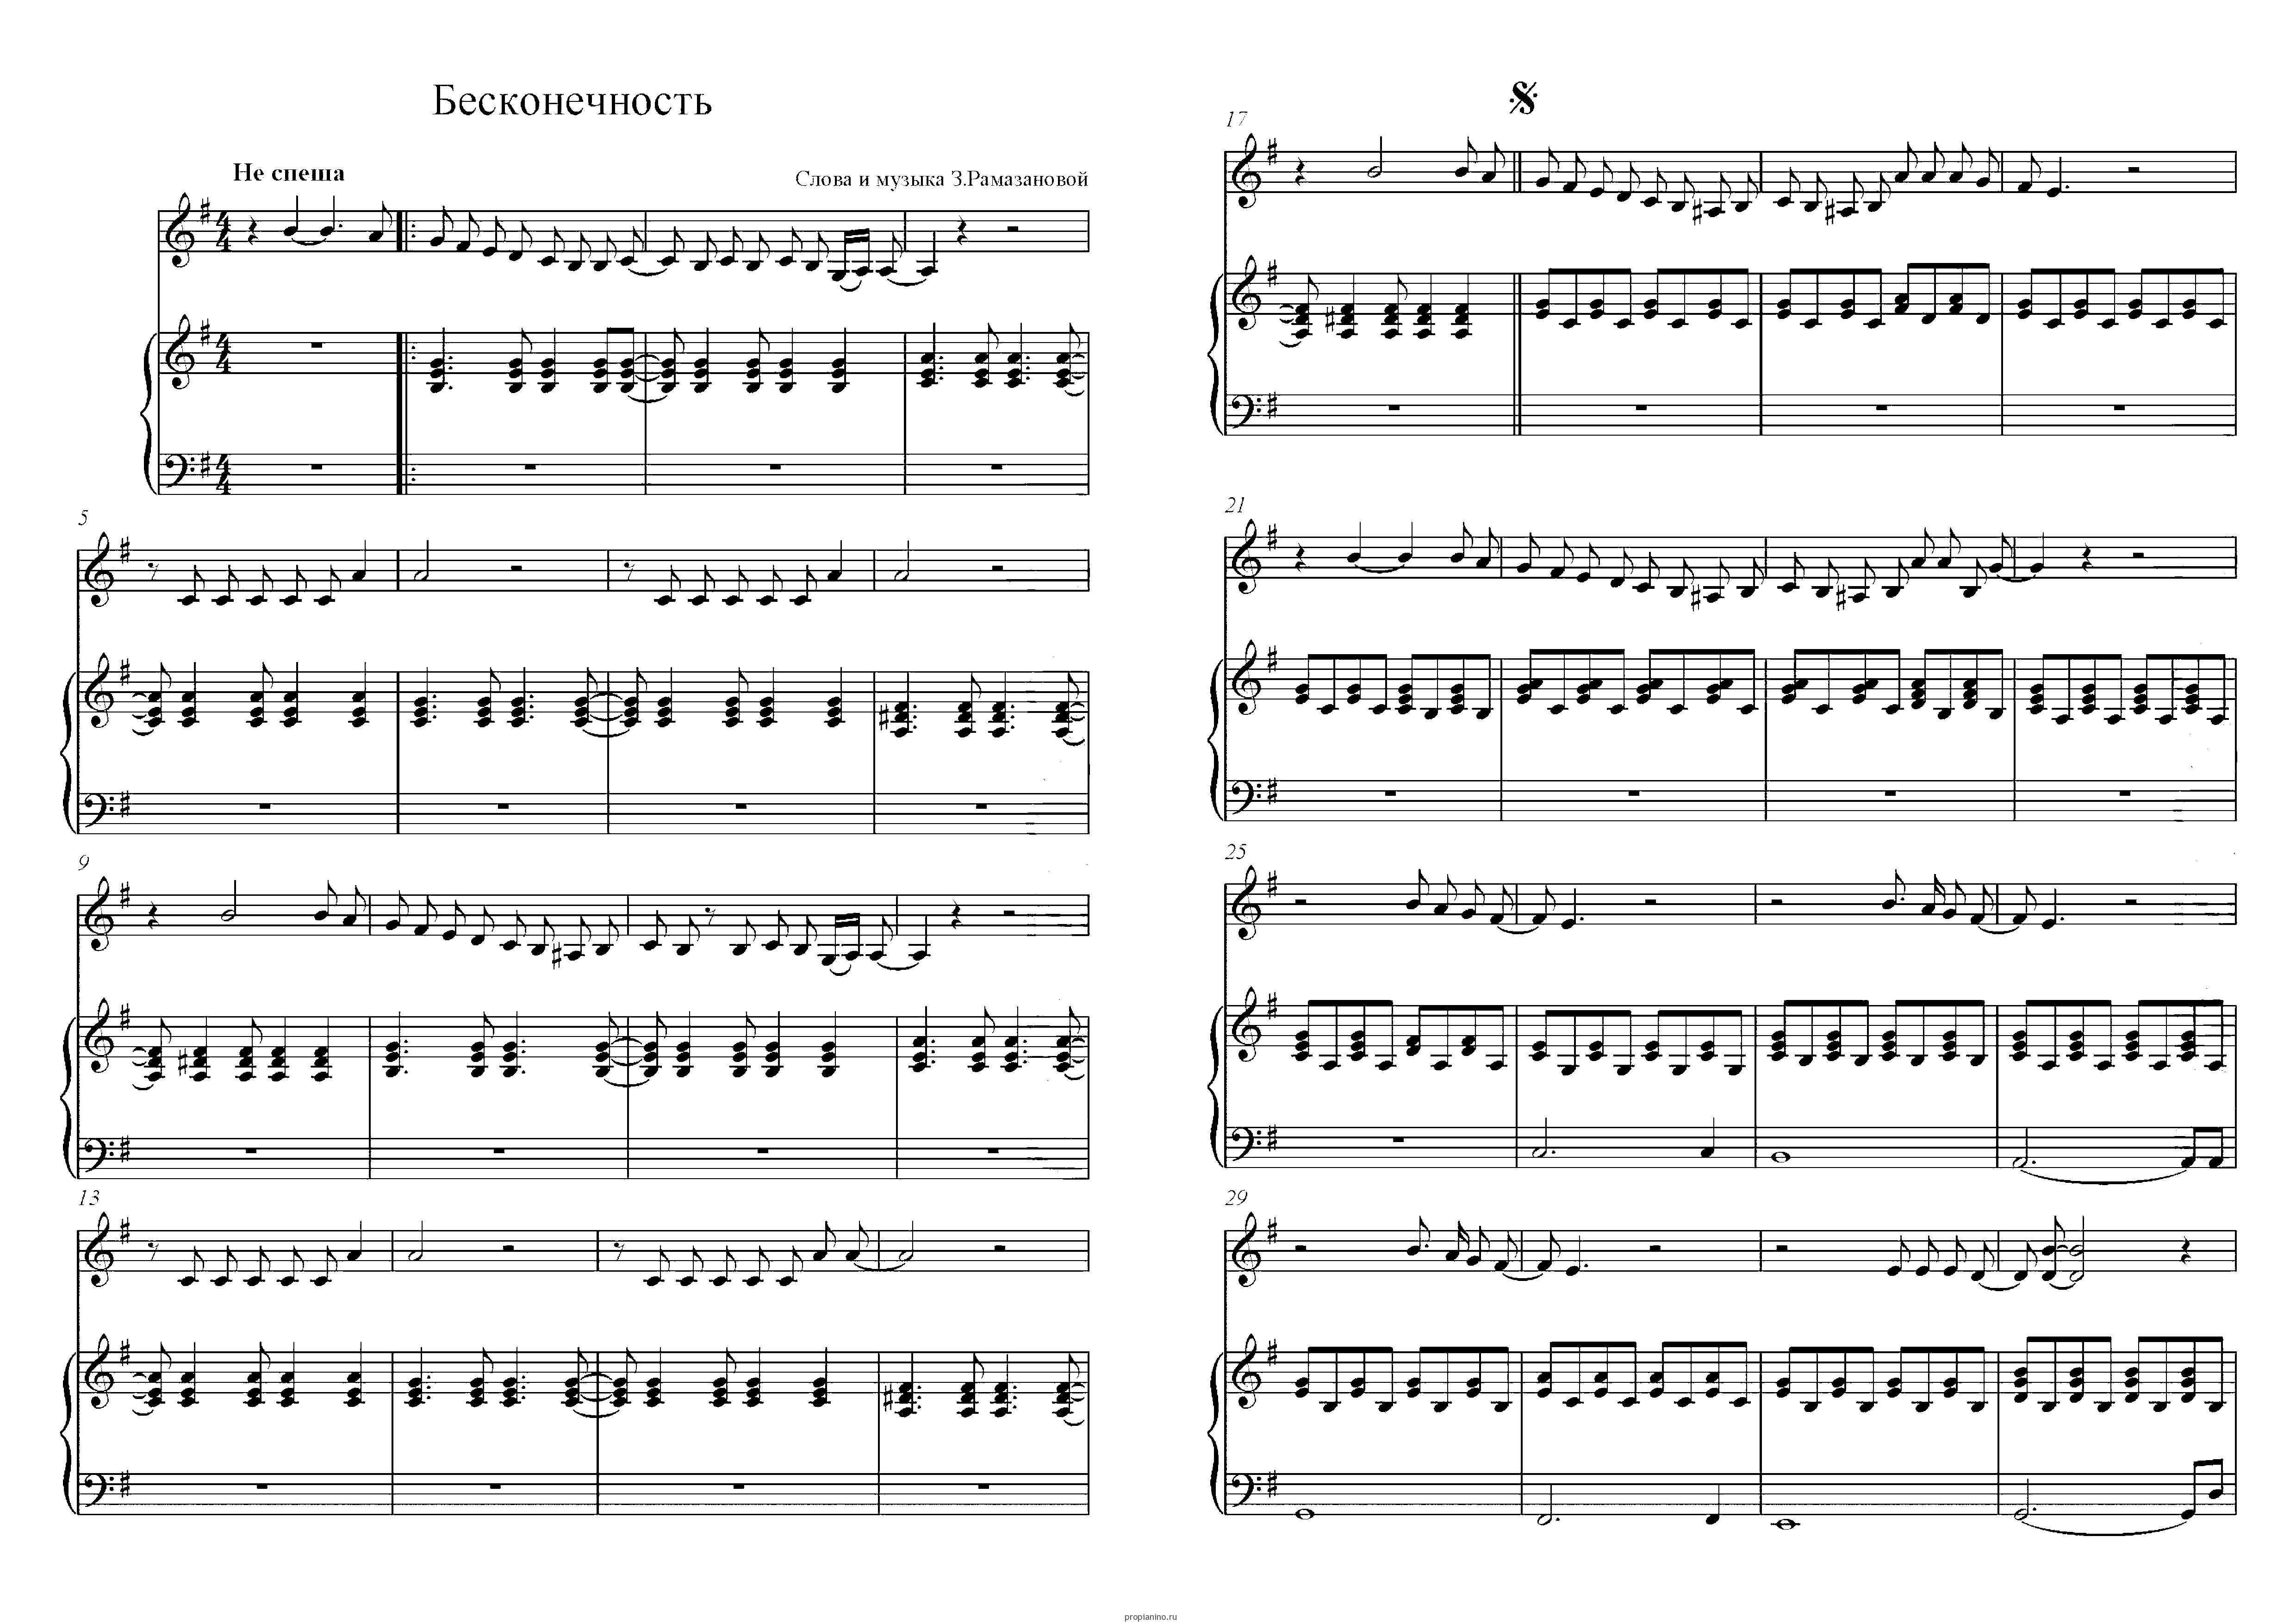 Фортепиано плитки 2 - взломанная версия